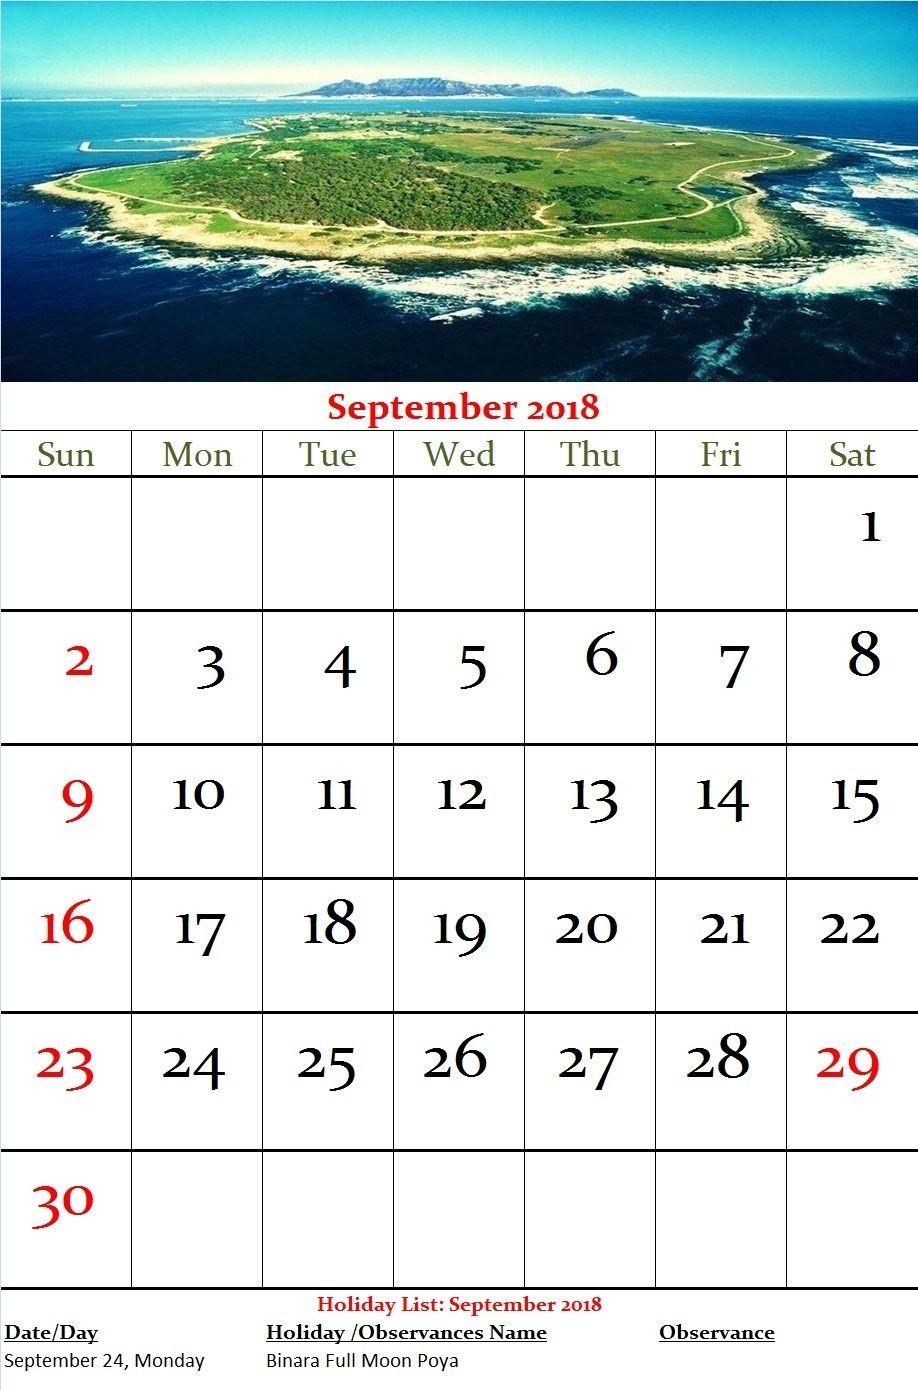 Sri Lanka Monthly Calendar September 2018  September Mercantile Holidays In Sri Lanka